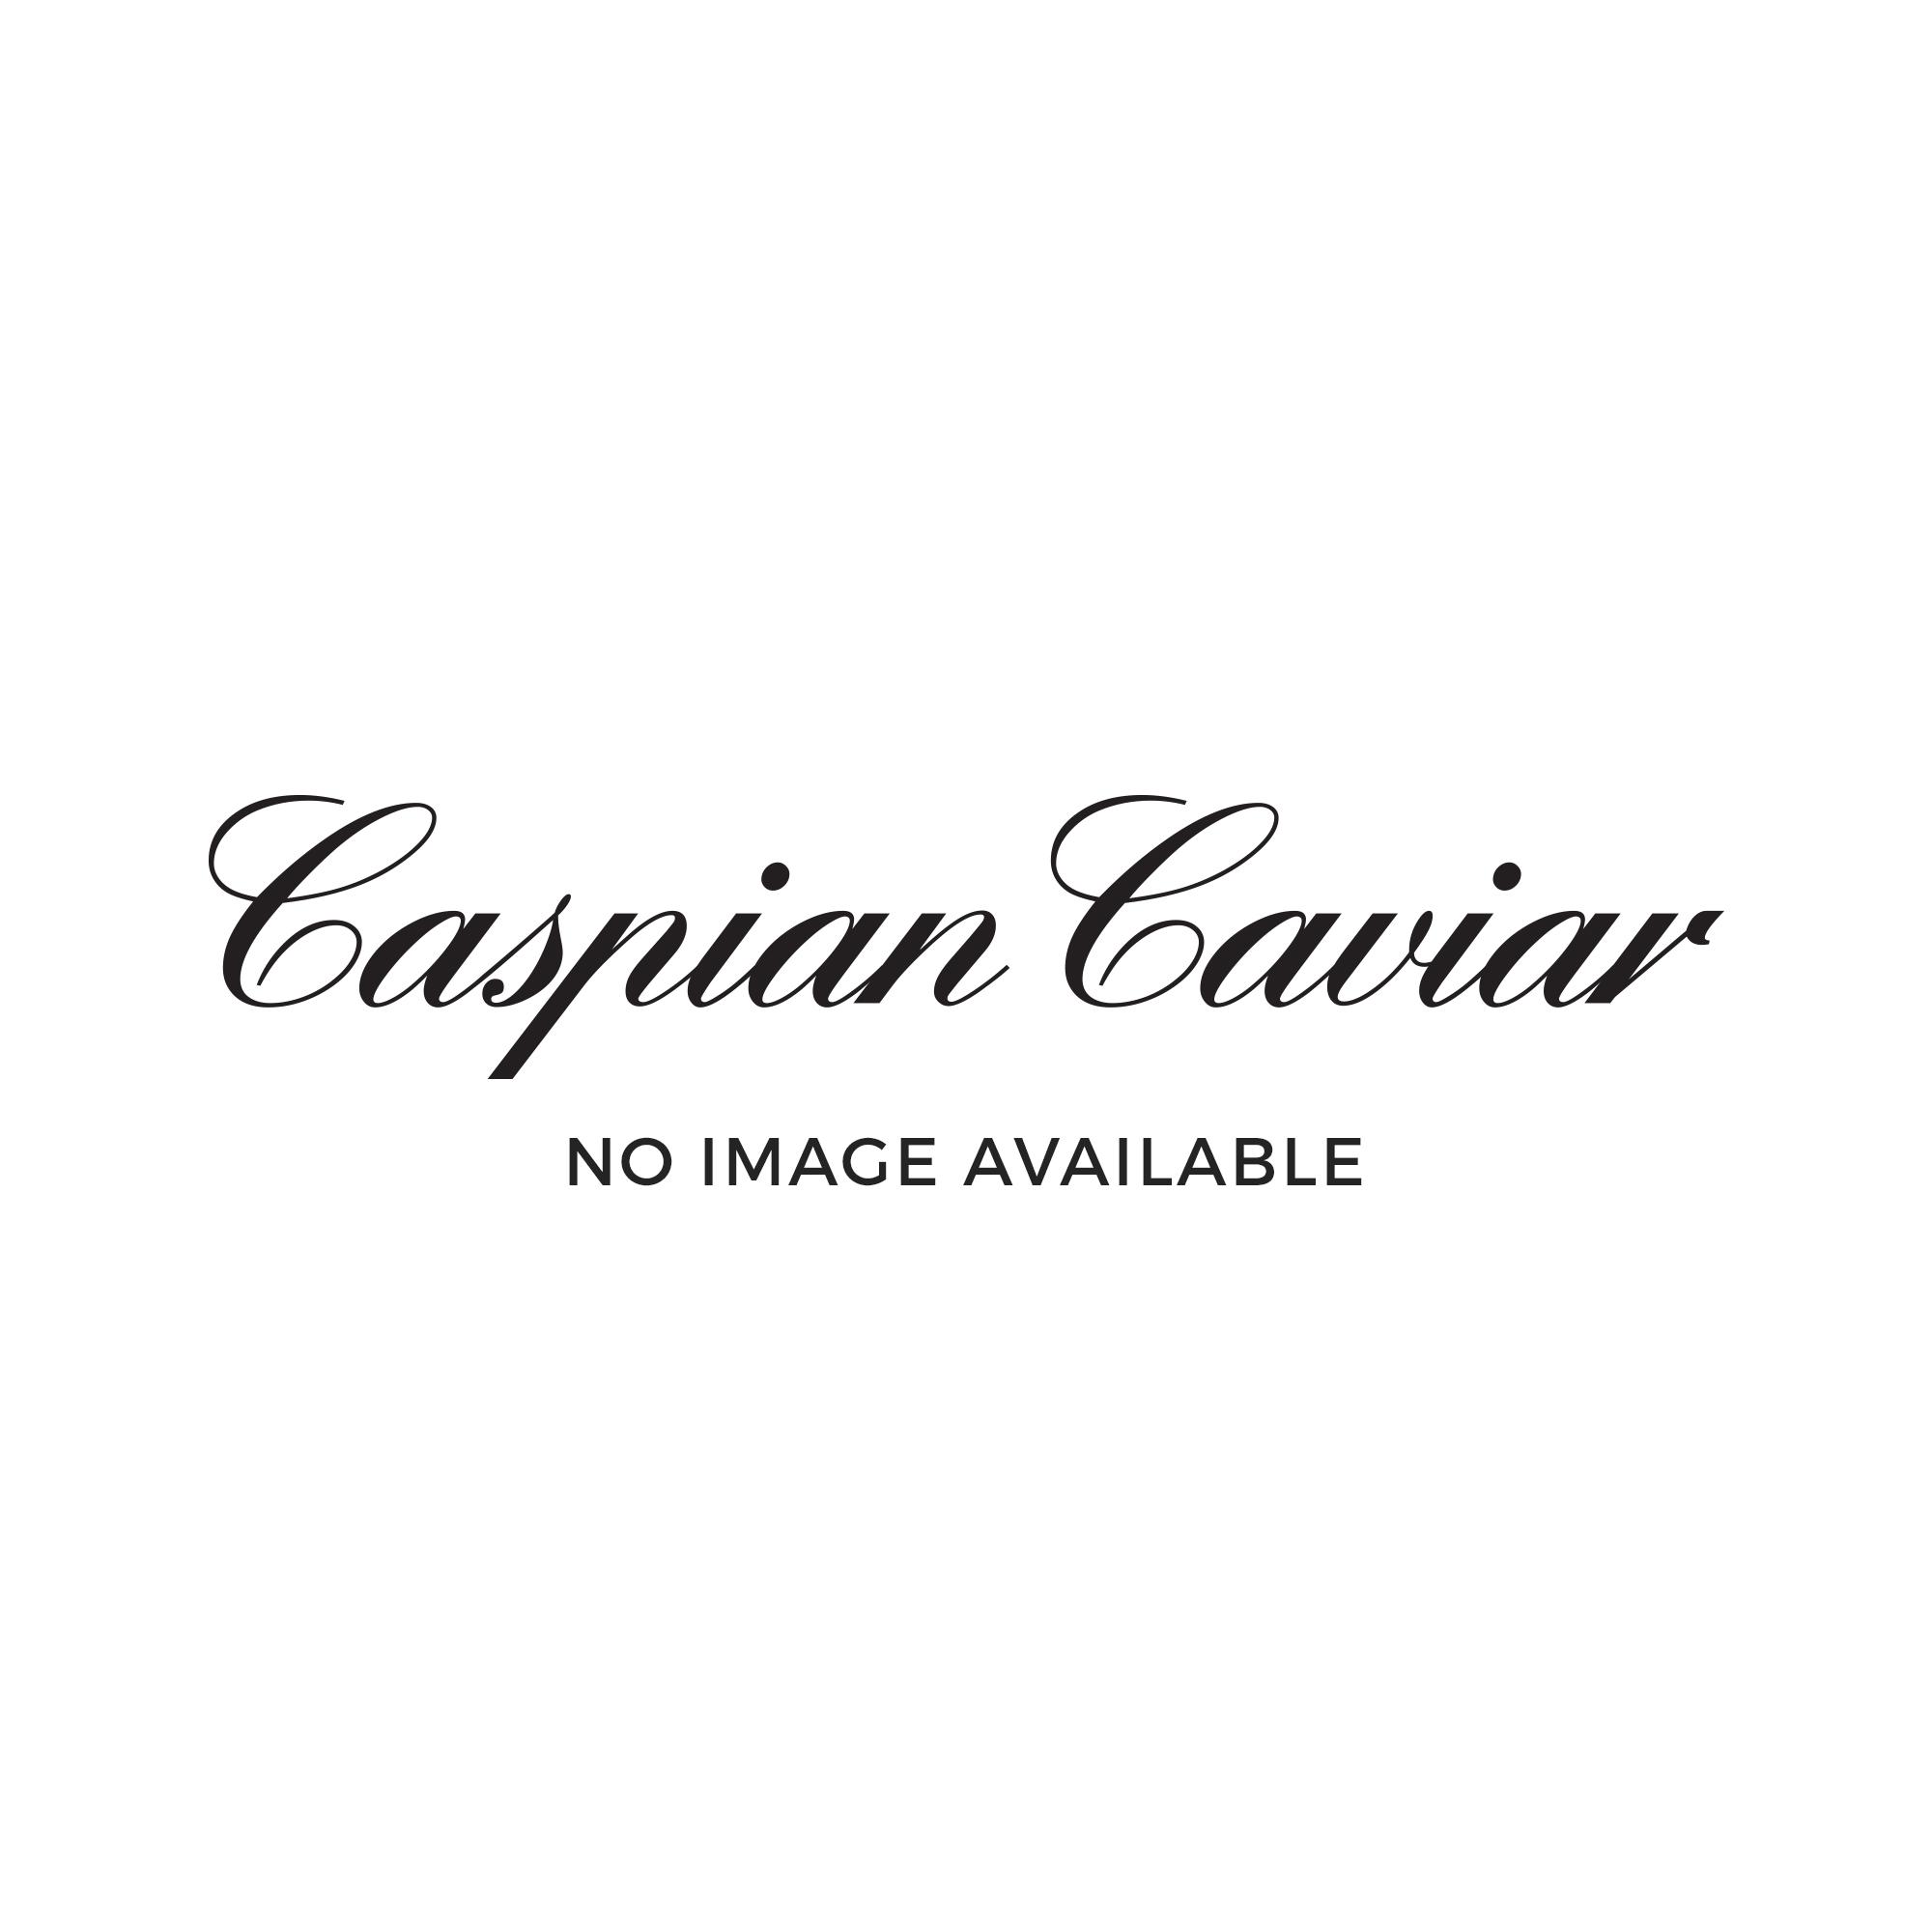 Caspian Caviar Fantastic Hamper with Oscietra